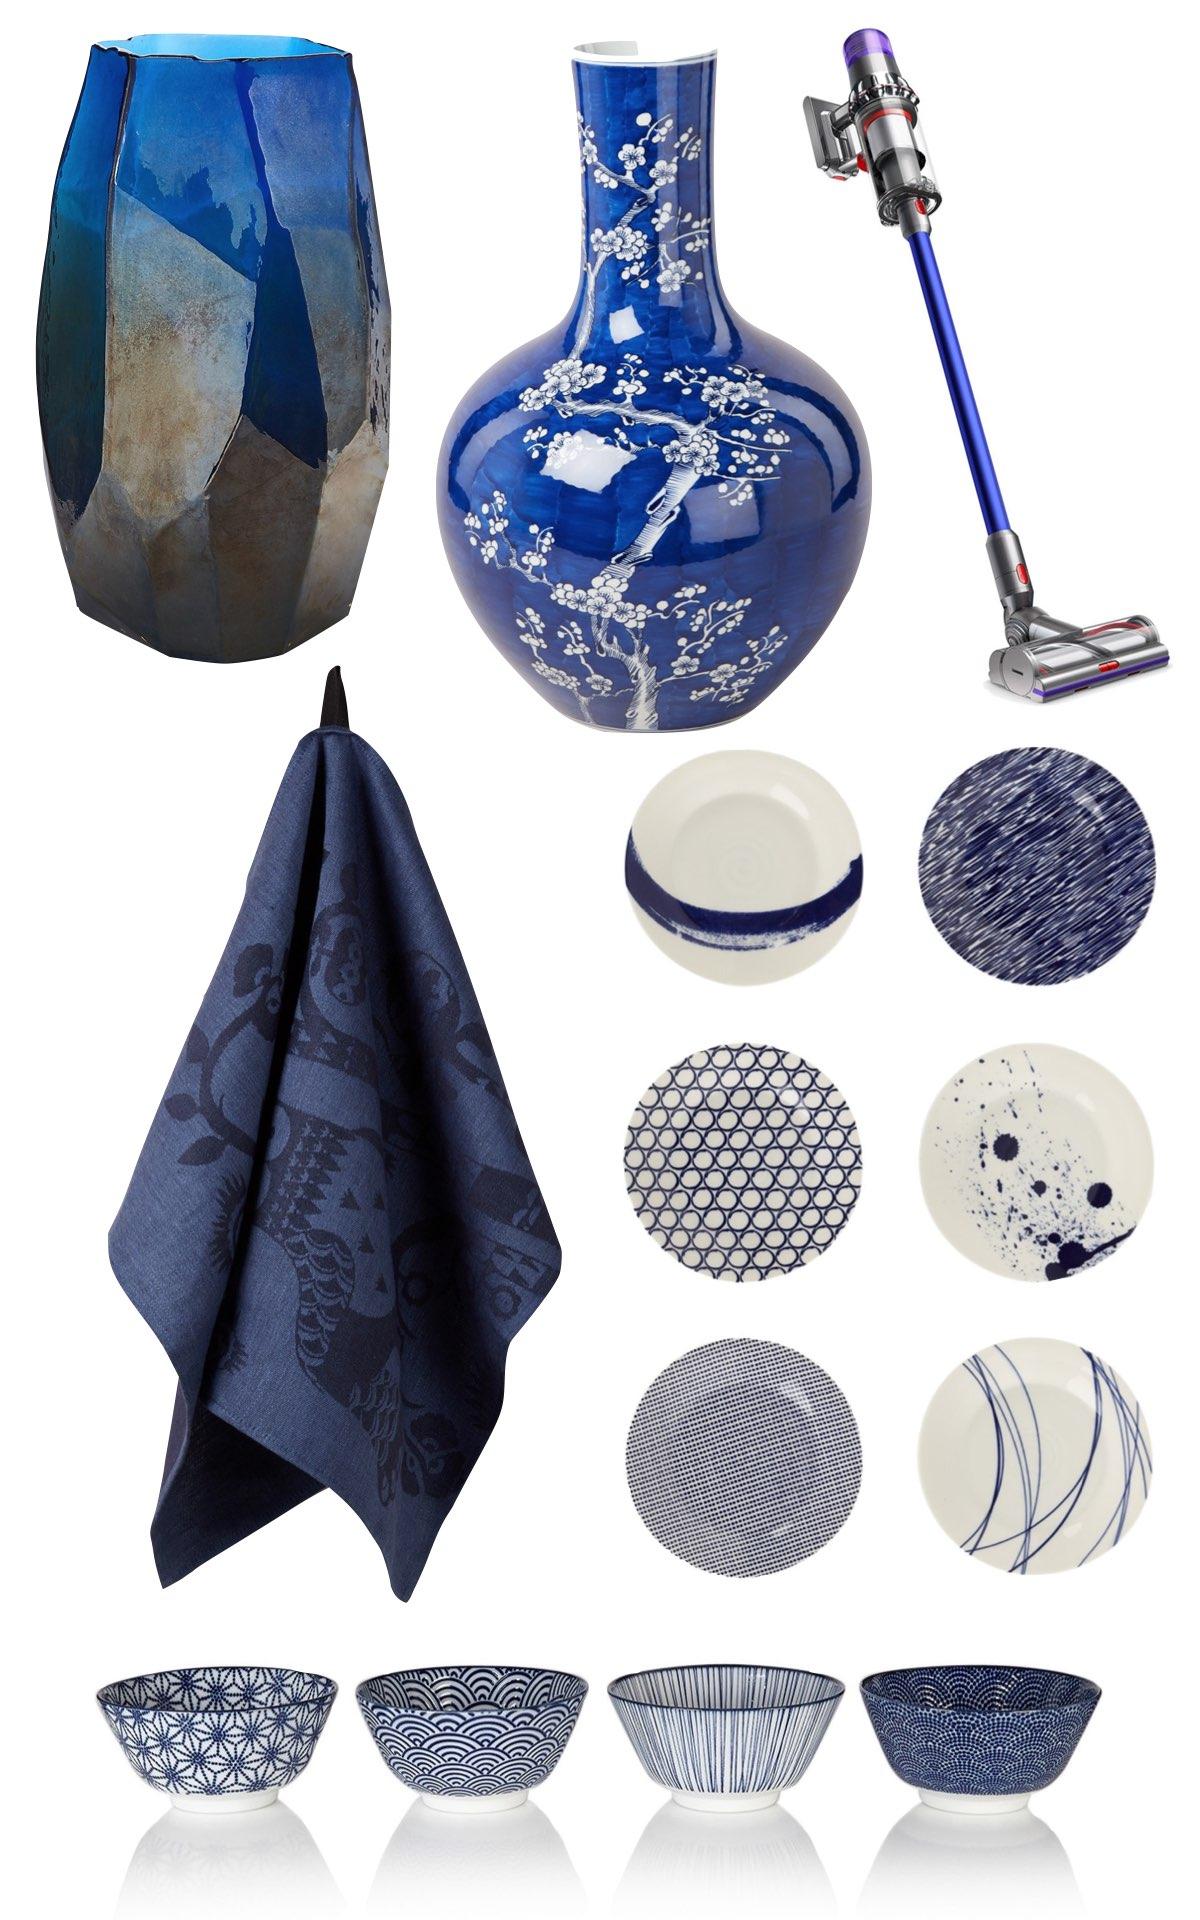 accessoire maison équipement bleu roi électroménager